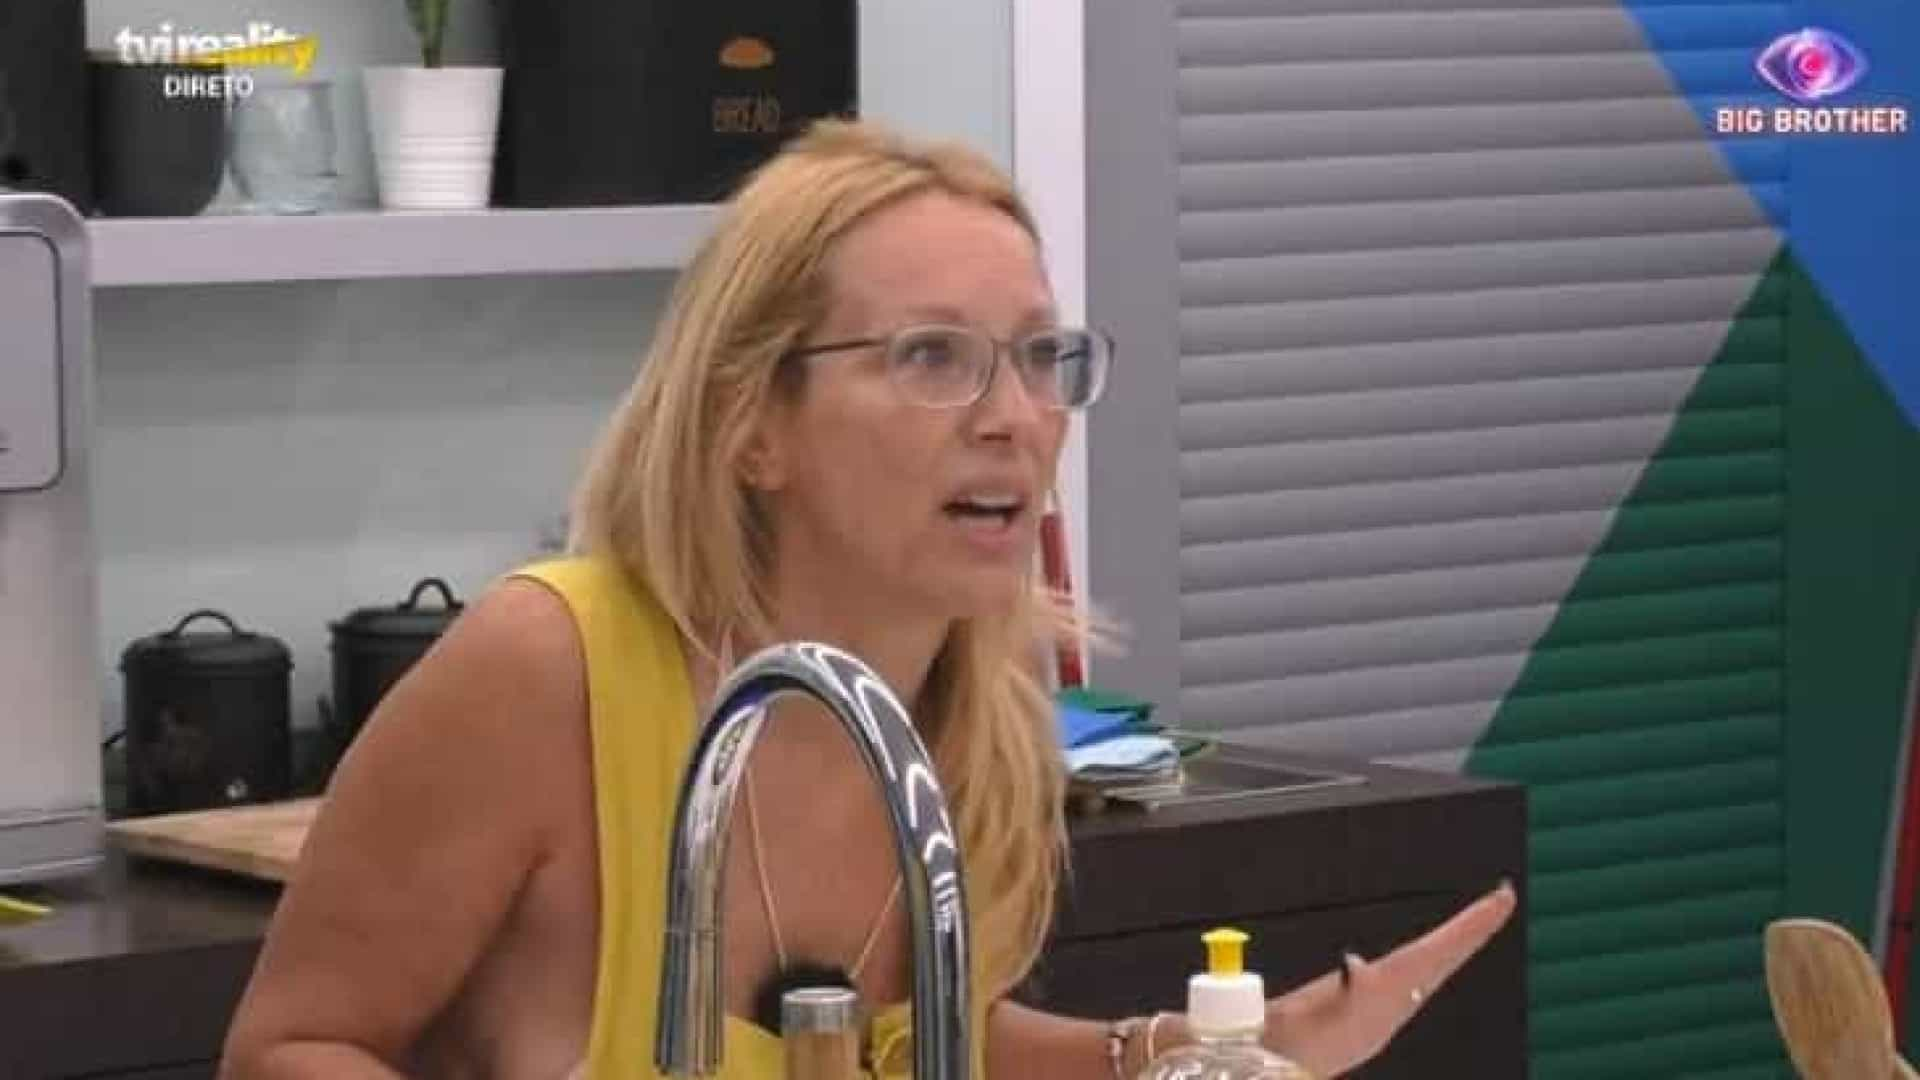 Polémica no 'Big Brother': Regras voltam a ser quebradas após discussão